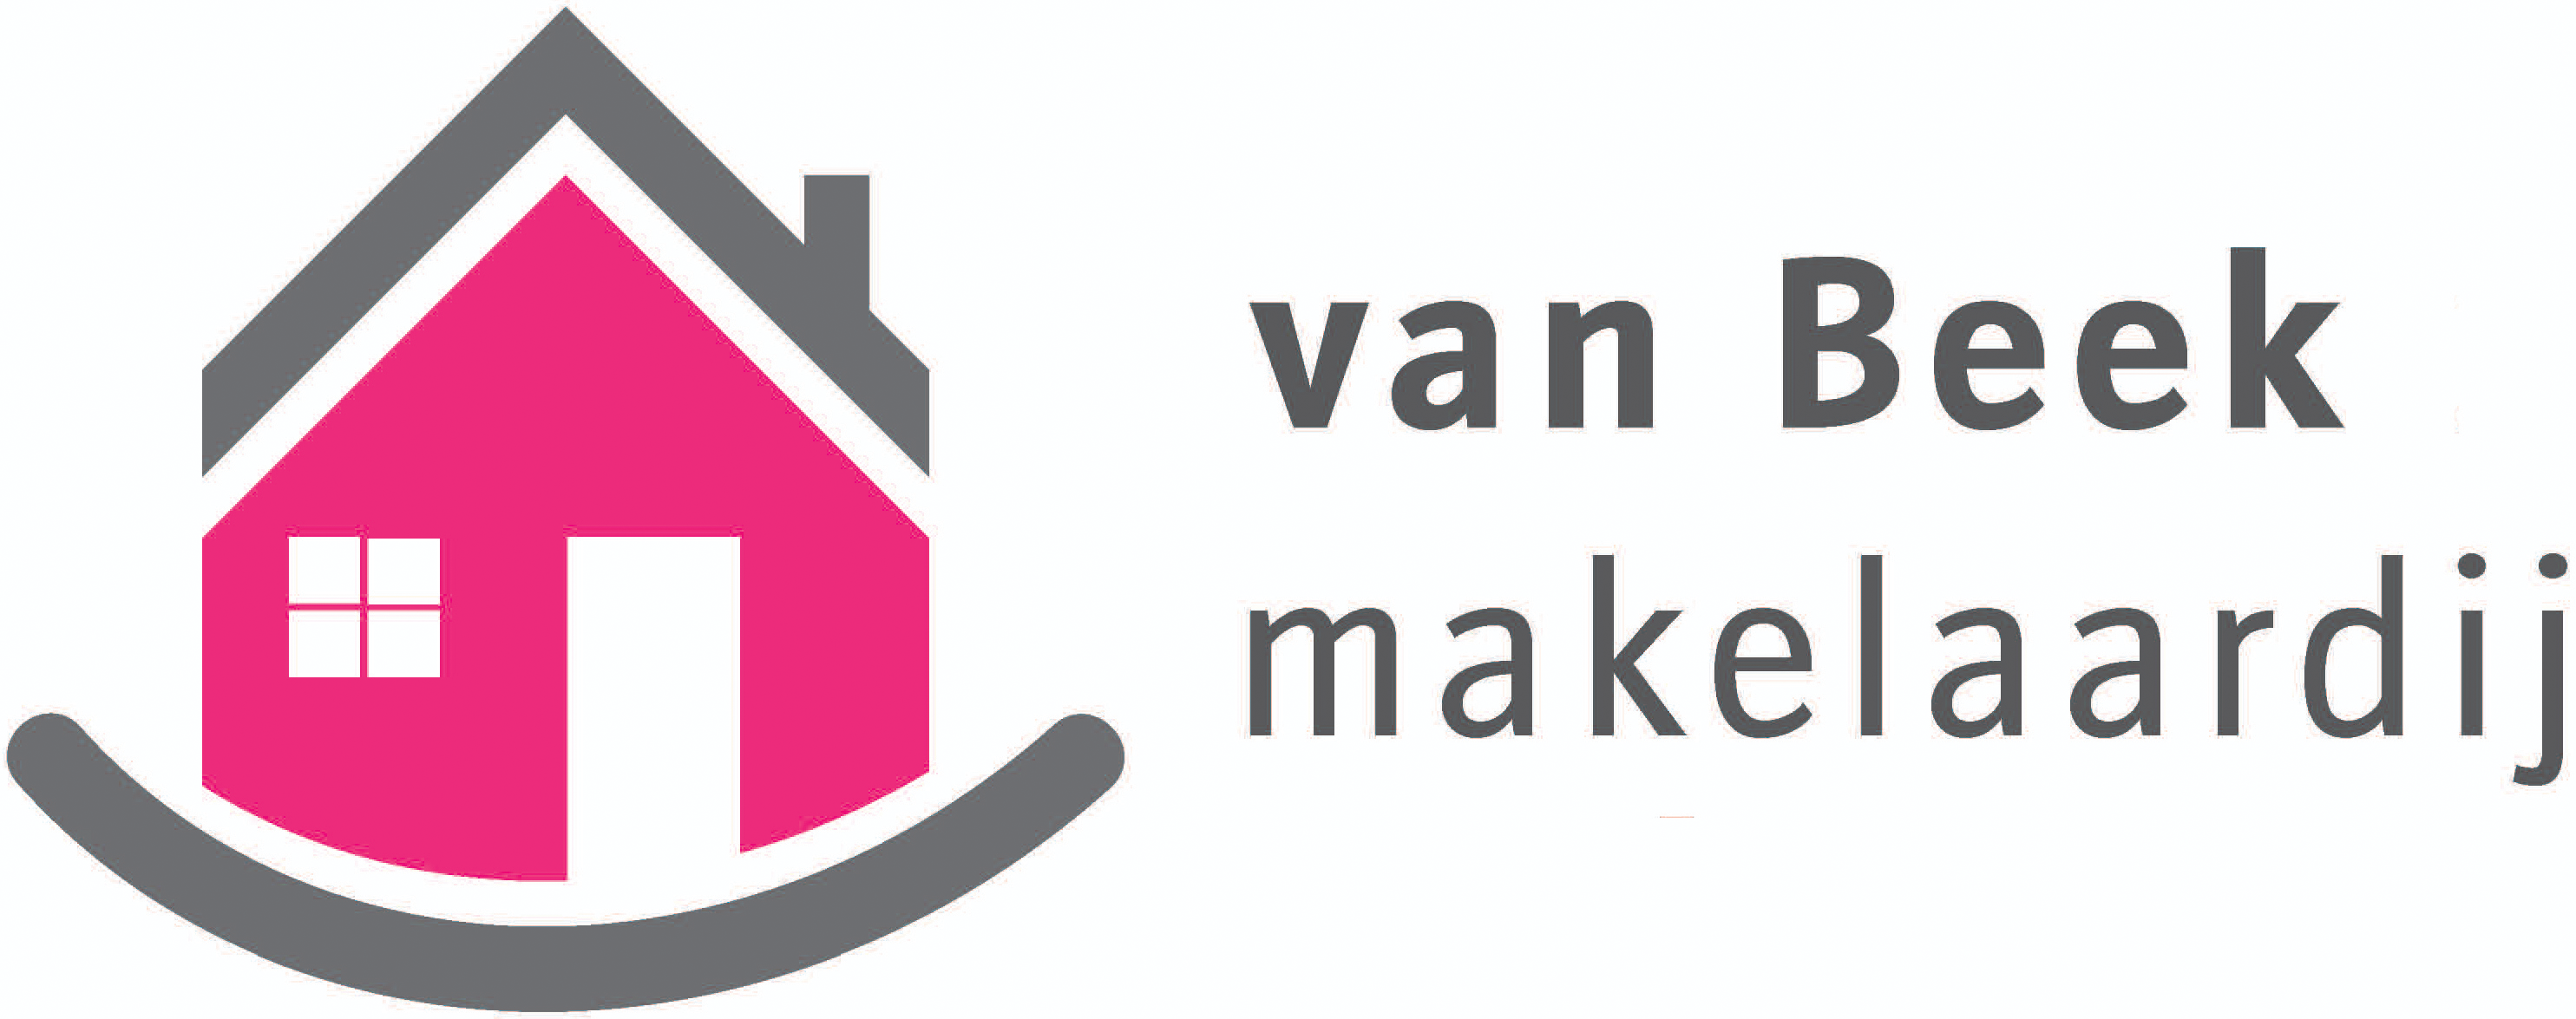 W.J. van Beek Makelaardij